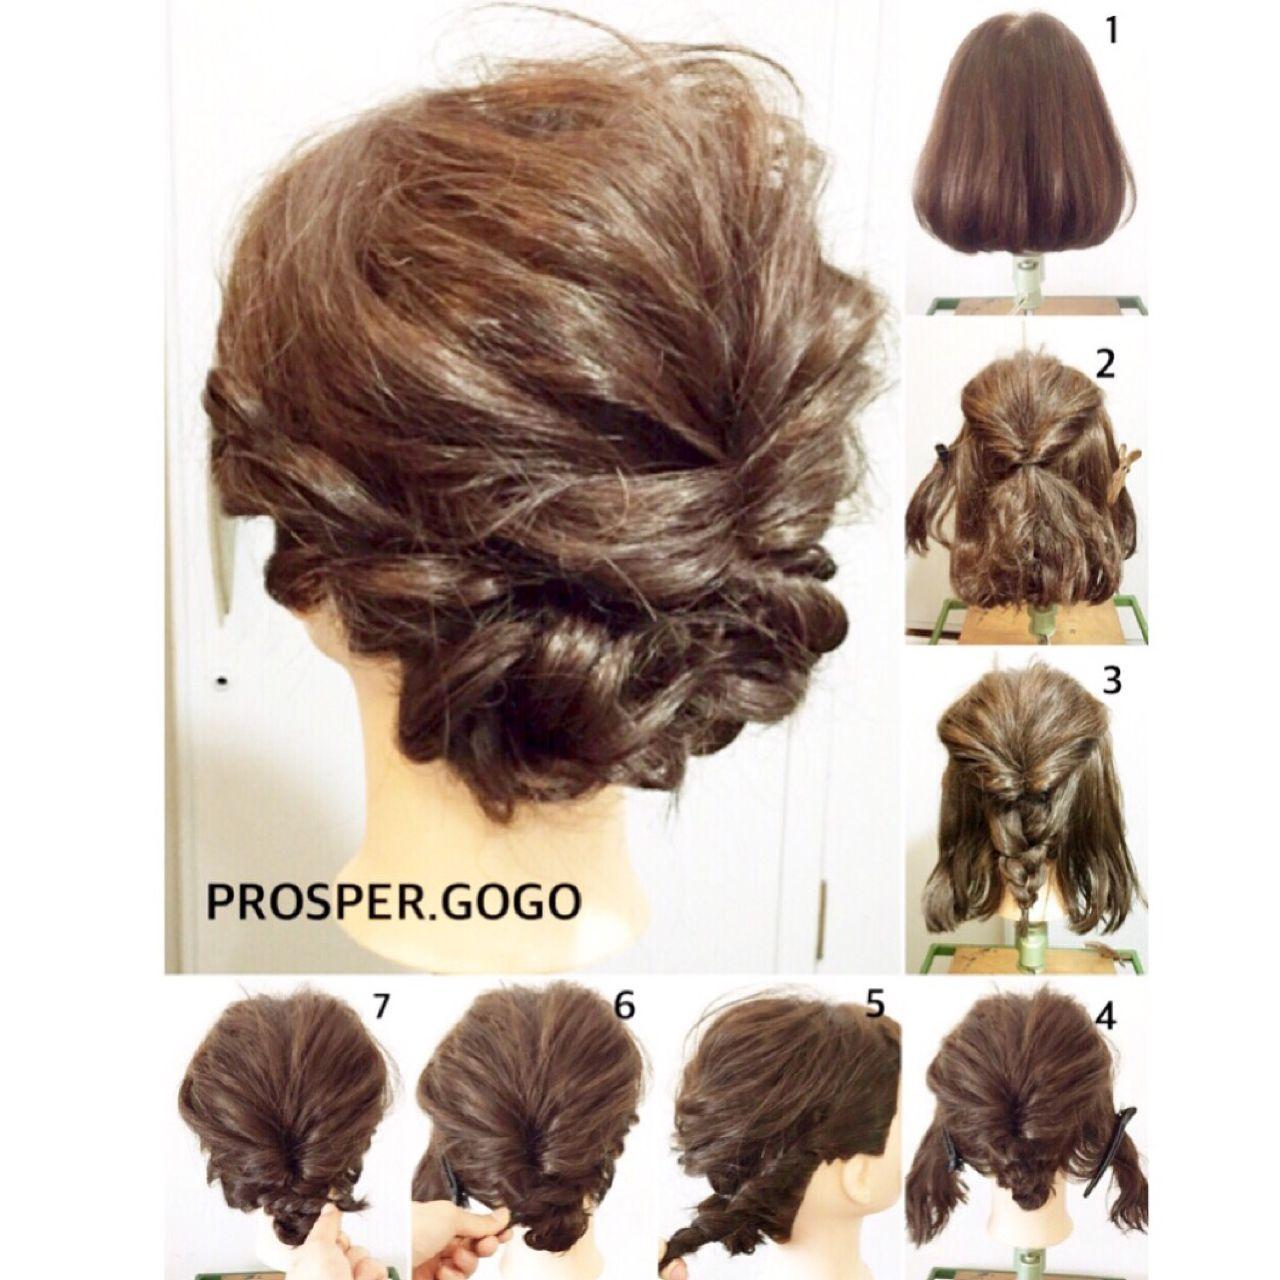 いつものボブを華麗にヘアアレンジ♡結婚式にも使える簡単髪型